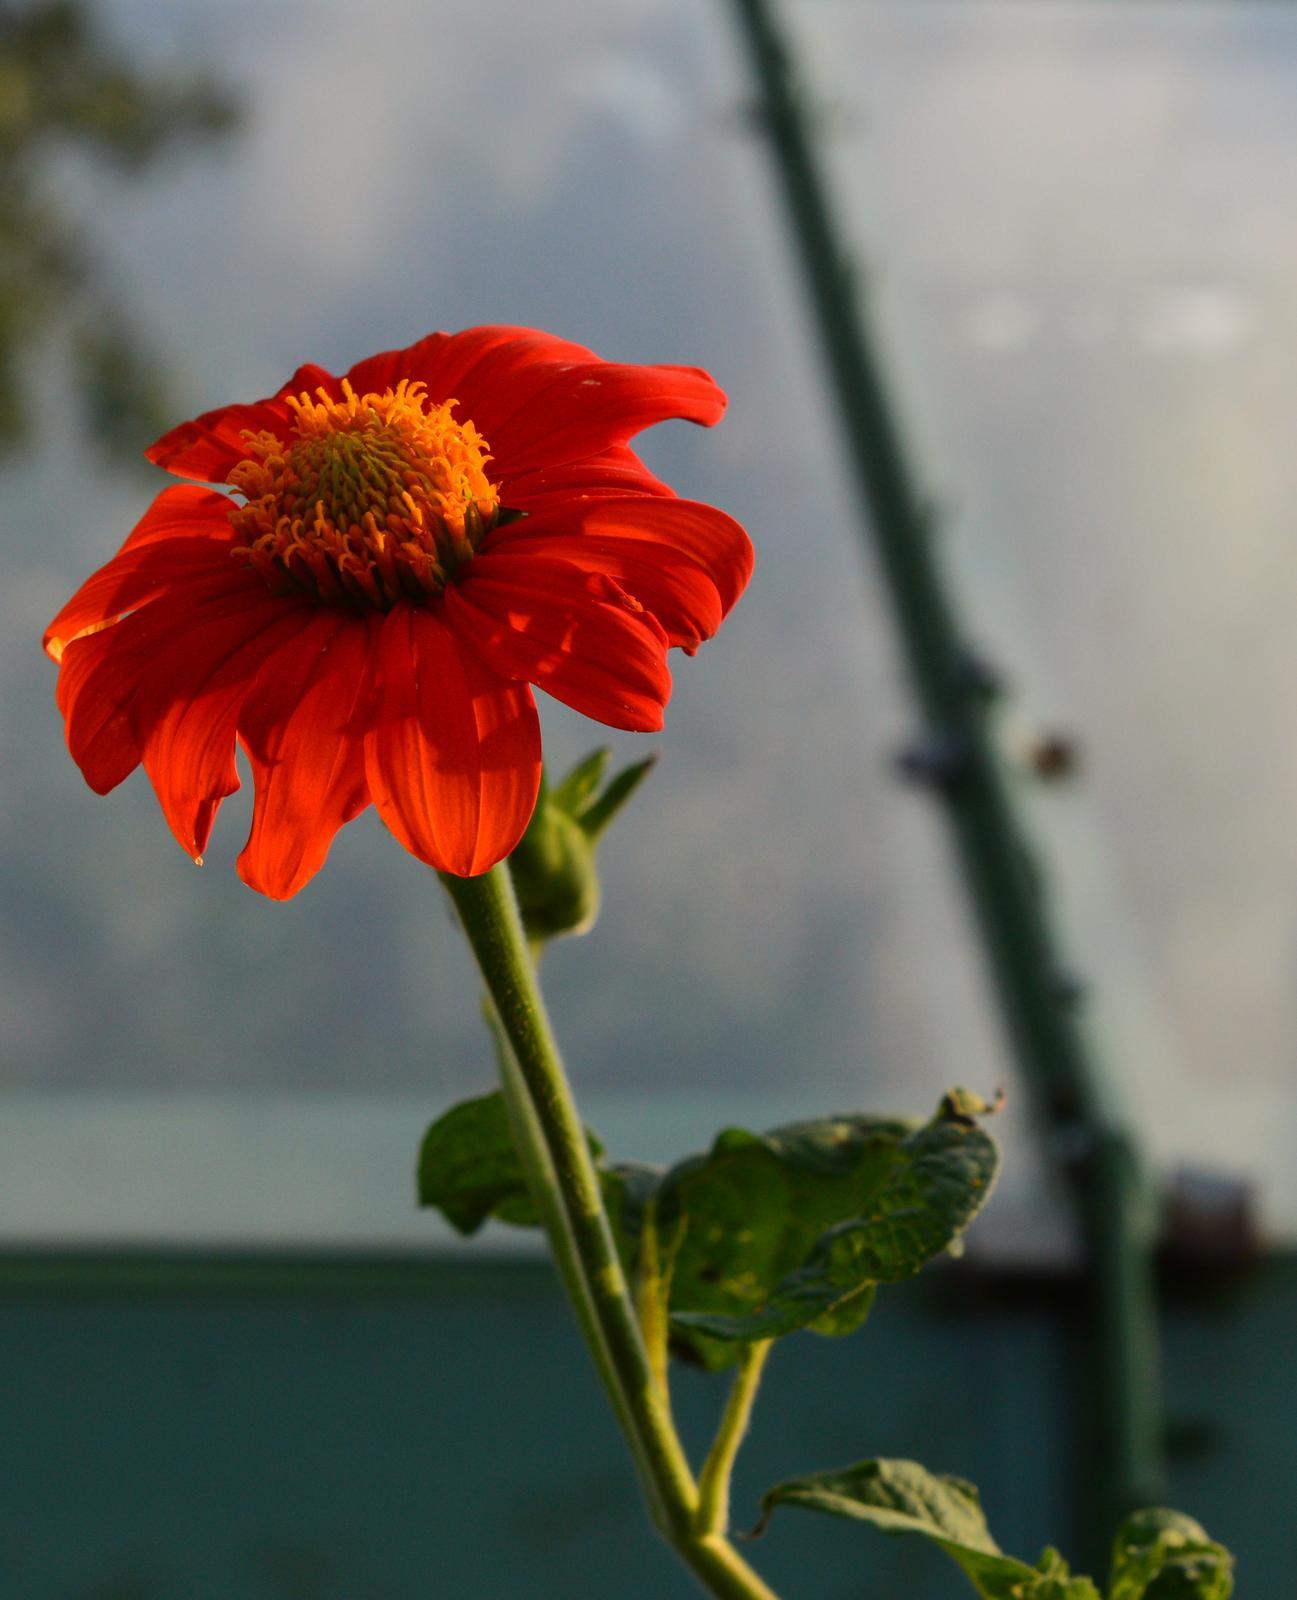 Thitonia alebo mexická slnečnica - semená - Obrázek č. 1